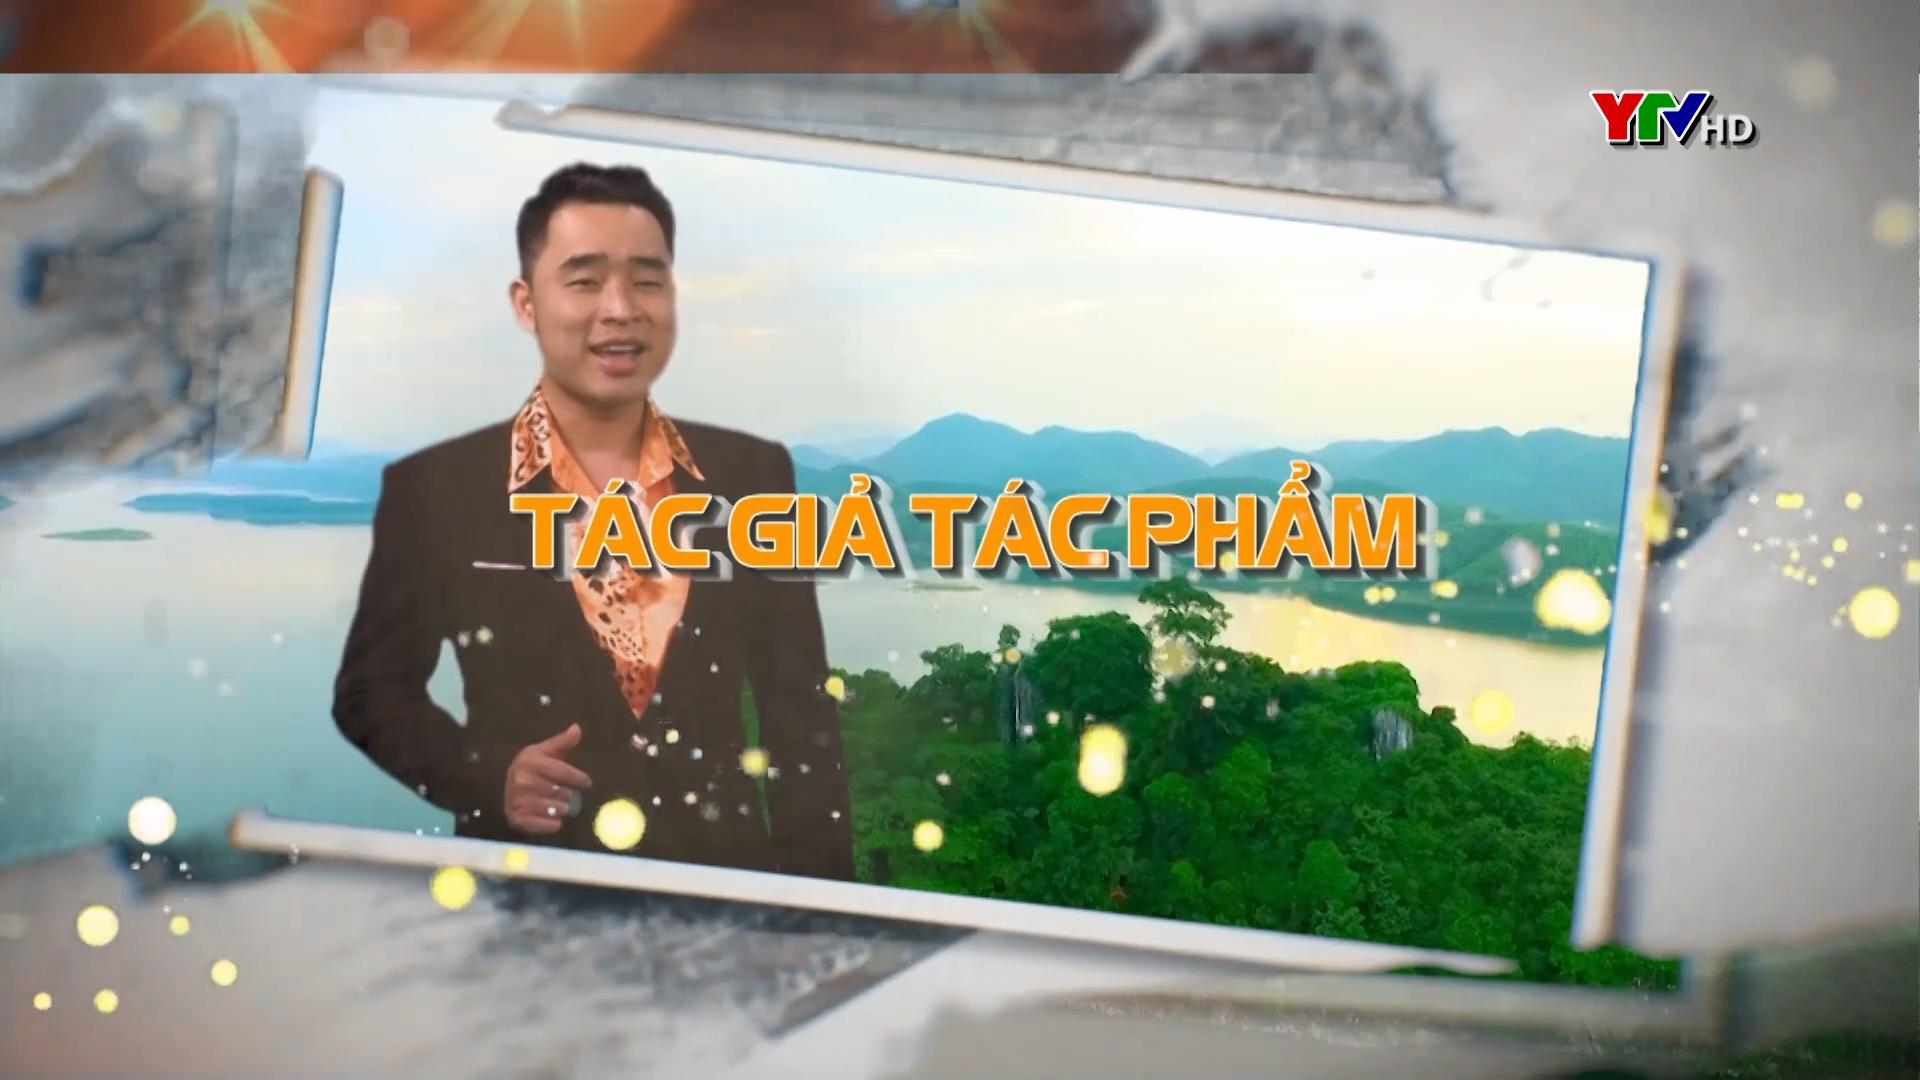 Nguyễn Thị Thanh và tình yêu quê núi